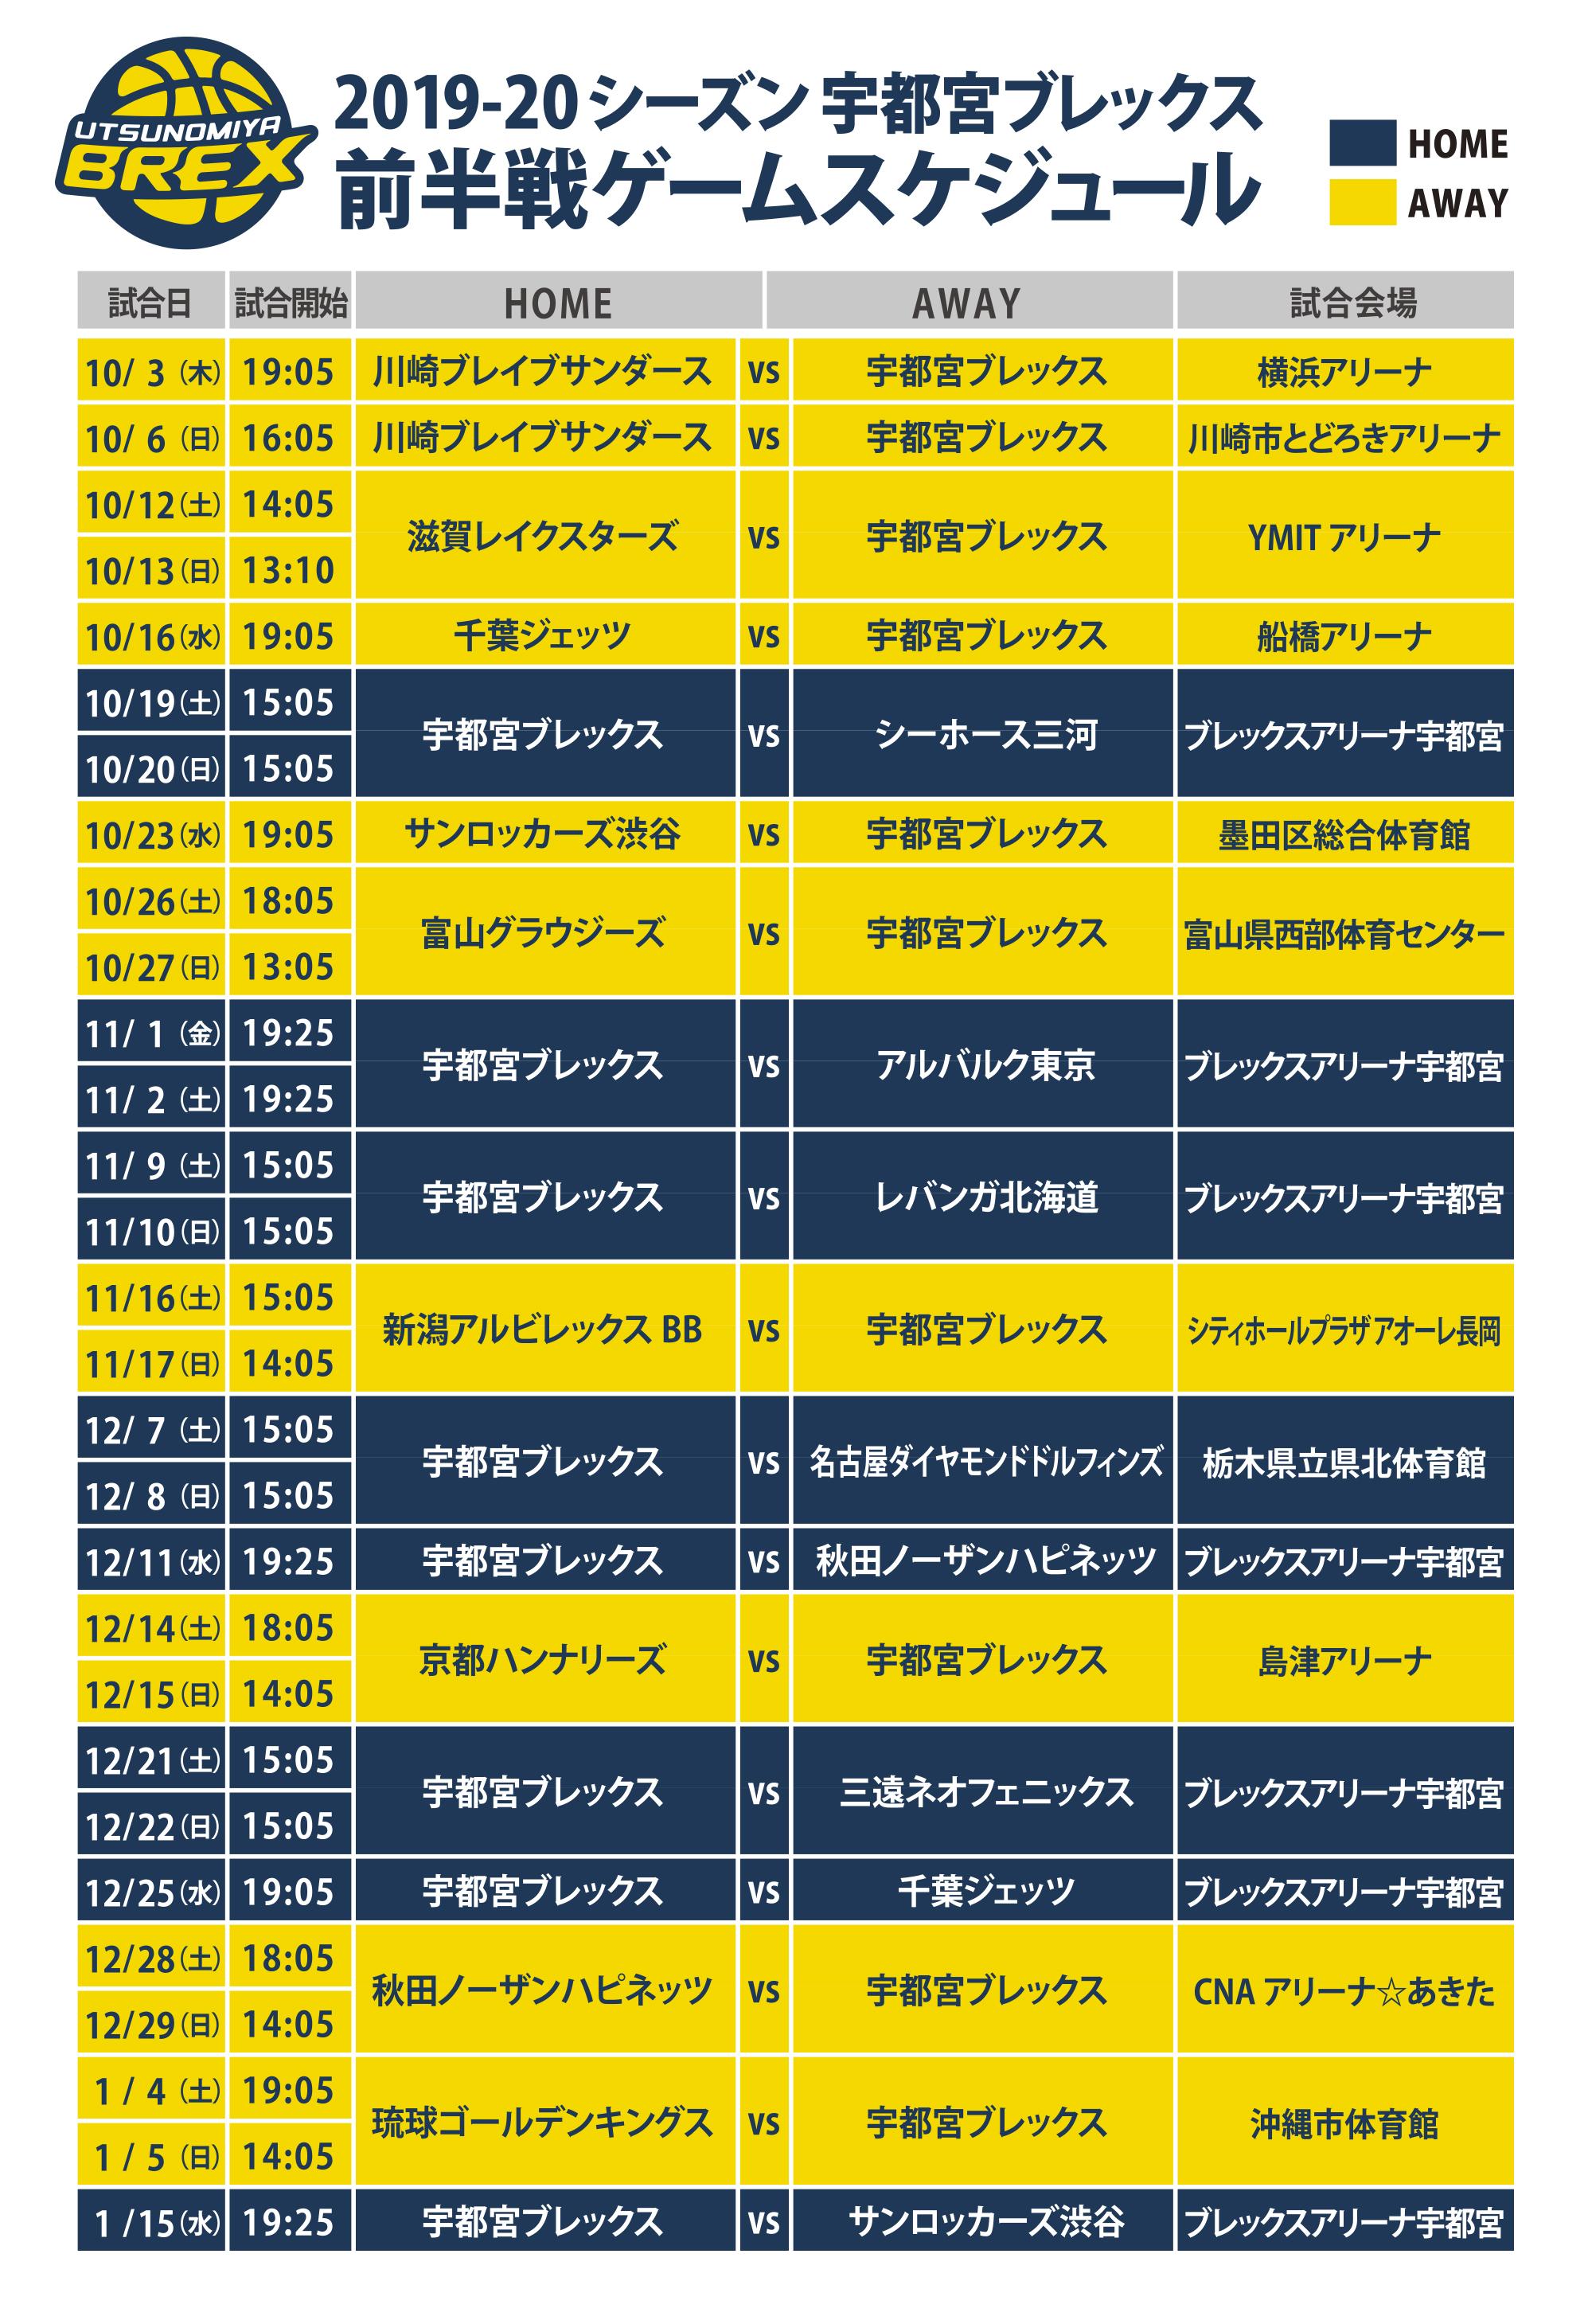 2019-20 シーズン 前半スケジュール